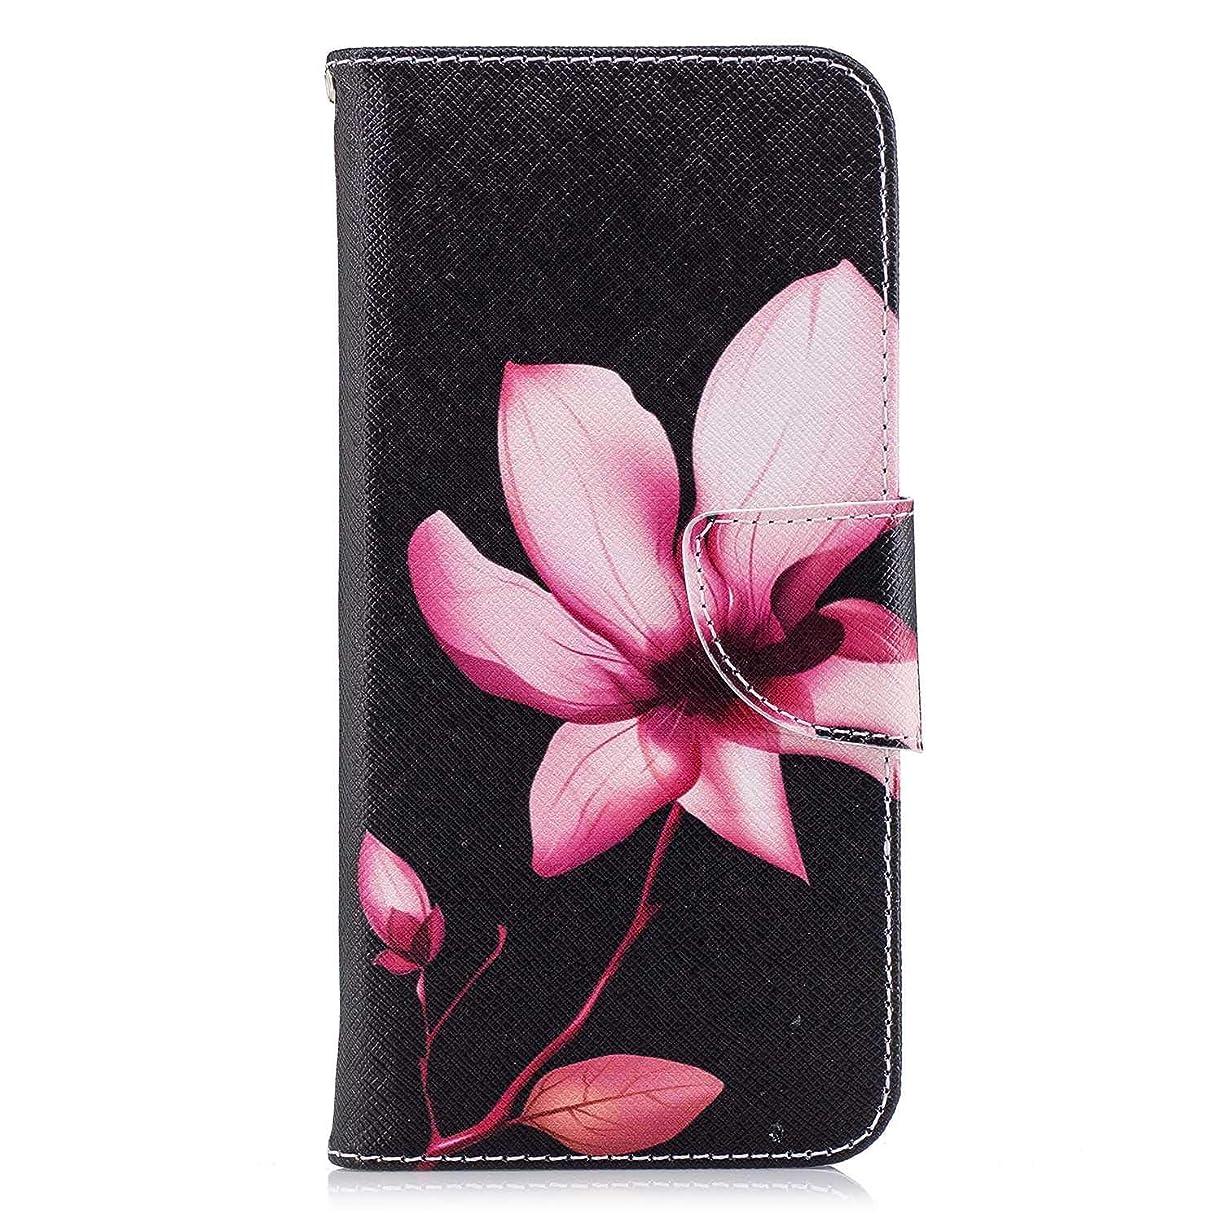 ポンド謝るオーディションOMATENTI Huawei P Smart ケース, ファッション人気 PUレザー 手帳 軽量 電話ケース 耐衝撃性 落下防止 薄型 スマホケースザー 付きスタンド機能, マグネット開閉式 そしてカード収納 Huawei P Smart 用 Case Cover, 花